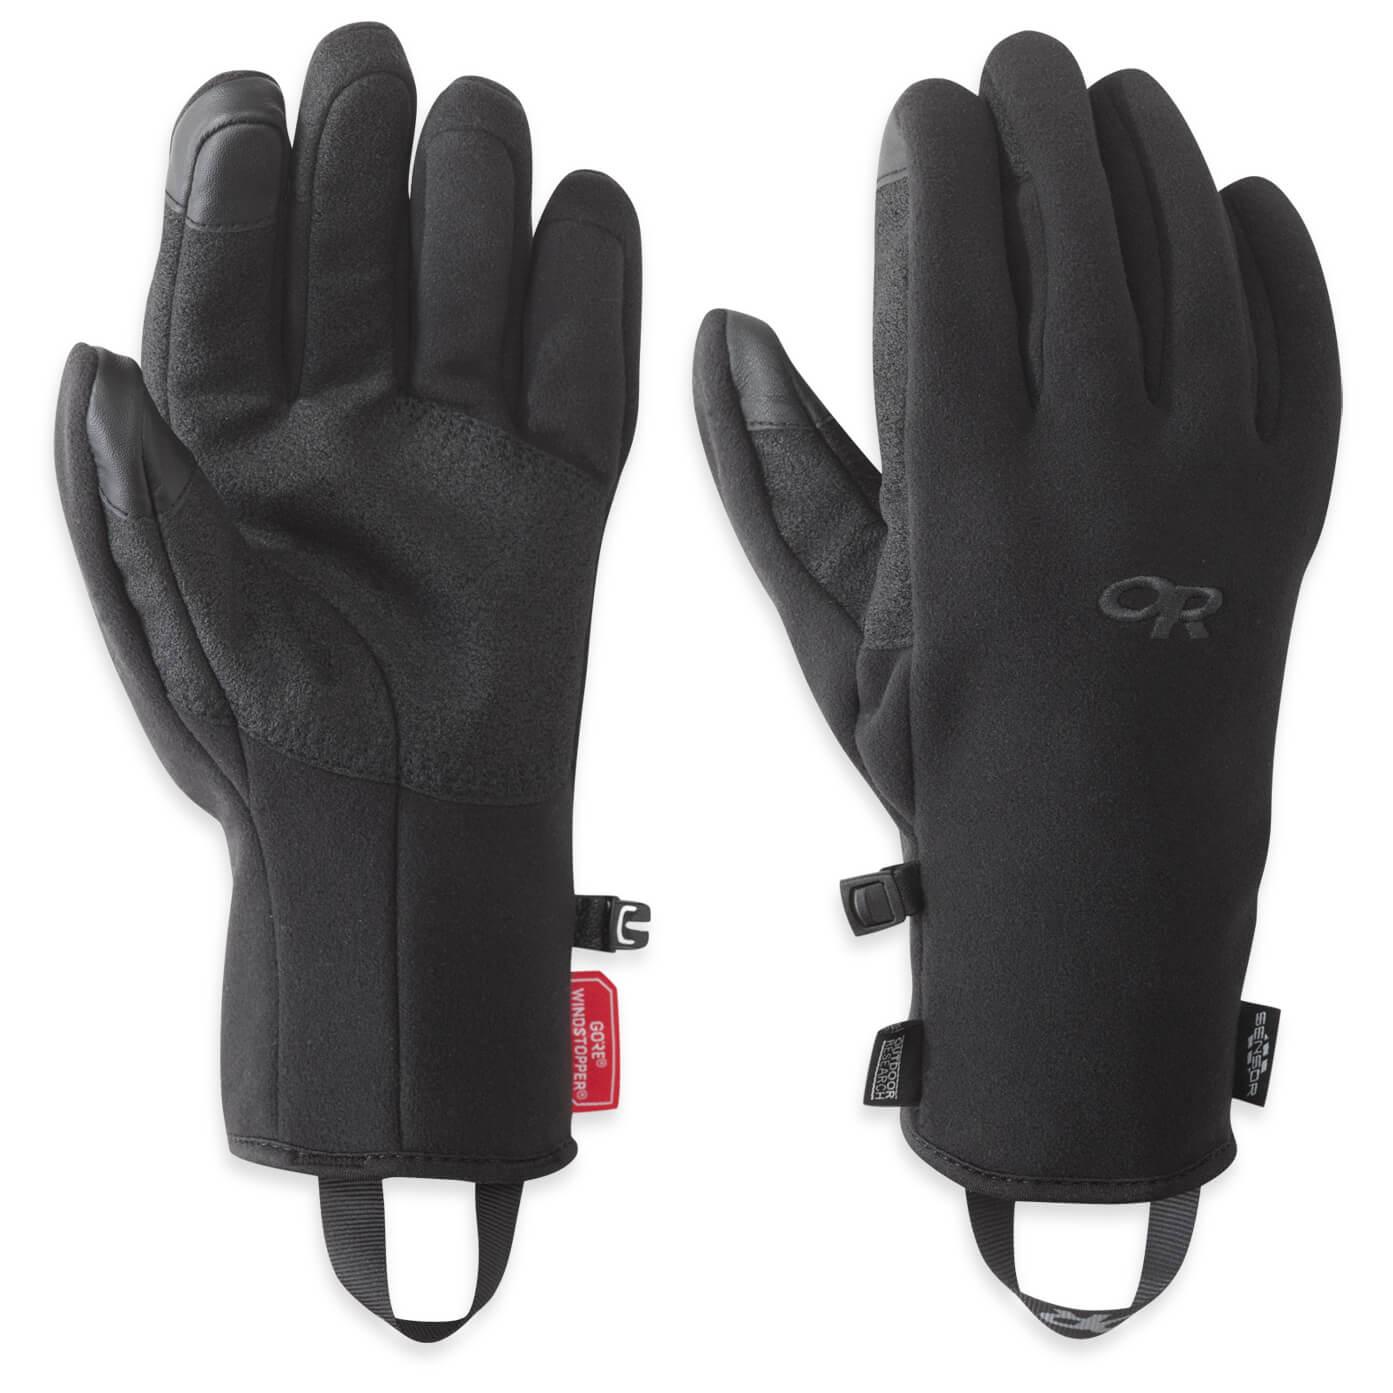 Outdoor Research Herren Handschuhe Gripper